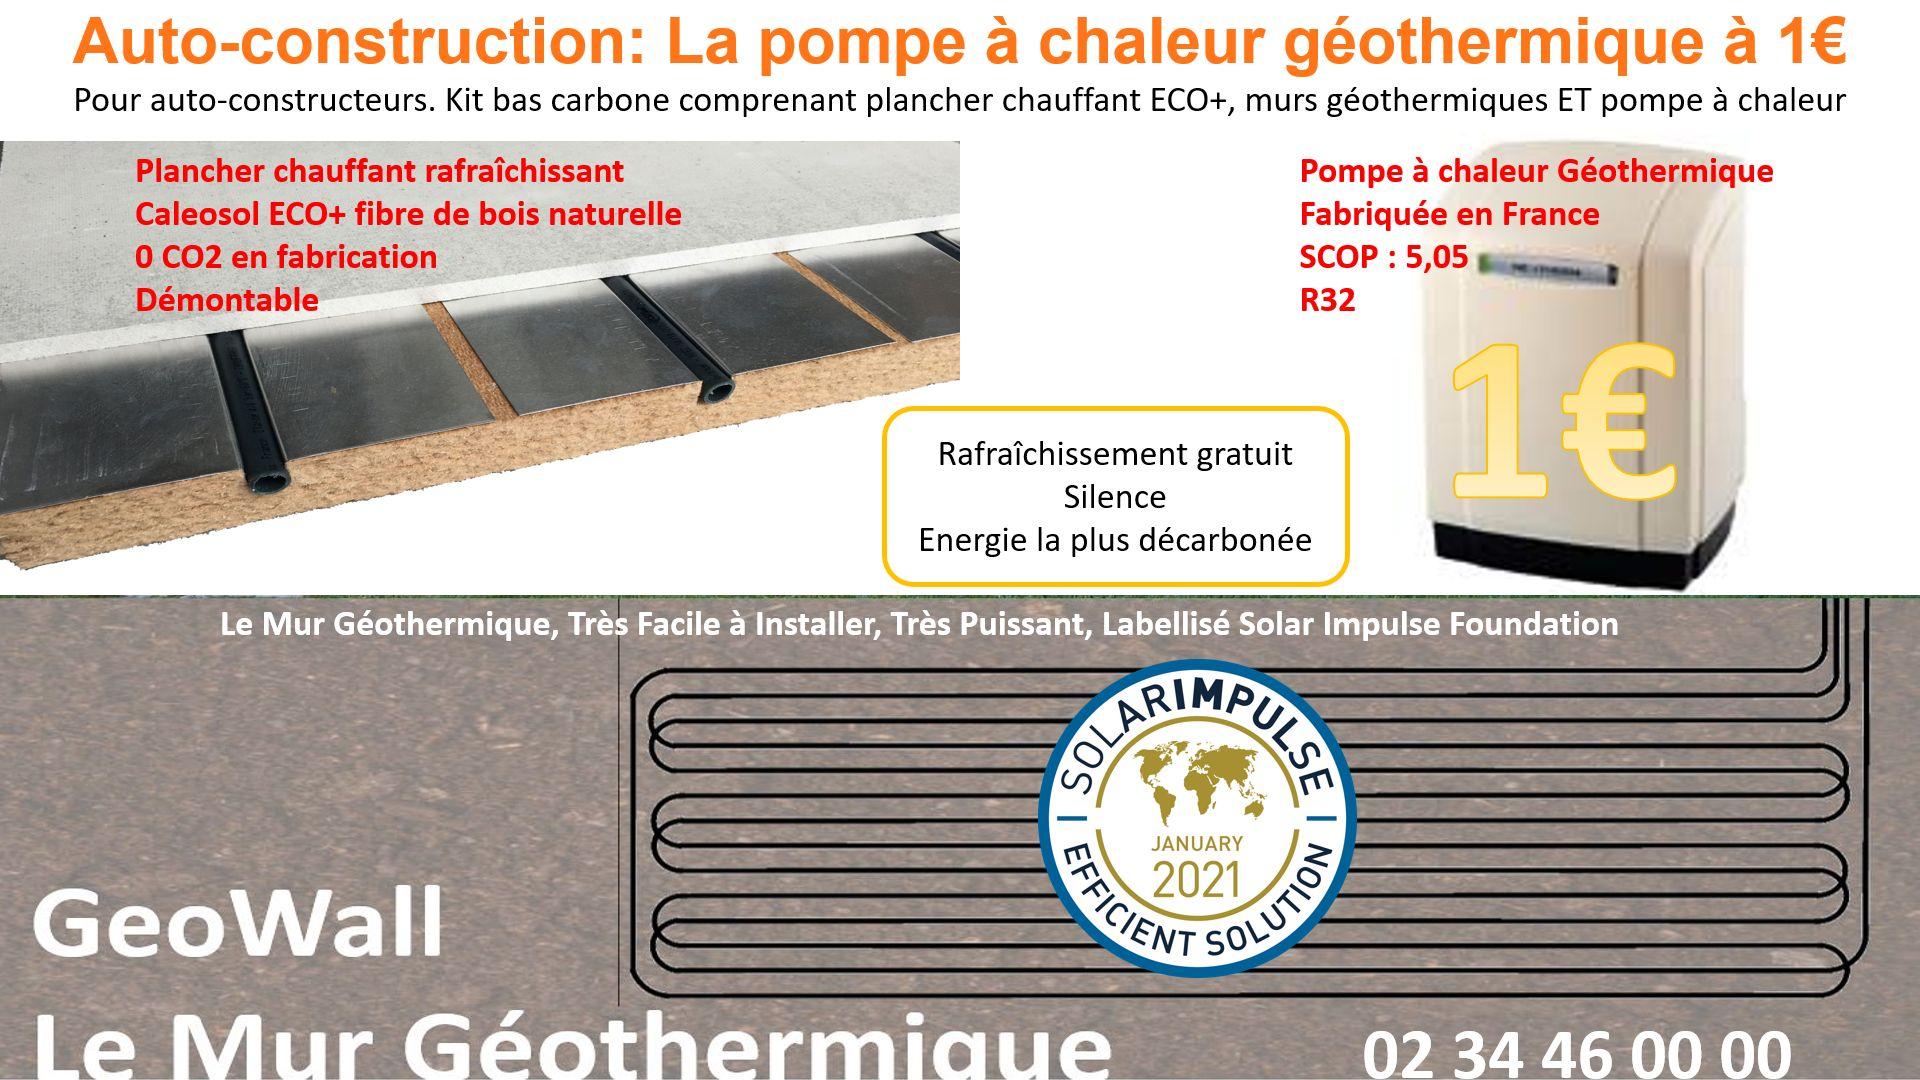 Pompe à chaleur géothermique à 1€ pour l'autoconstruction